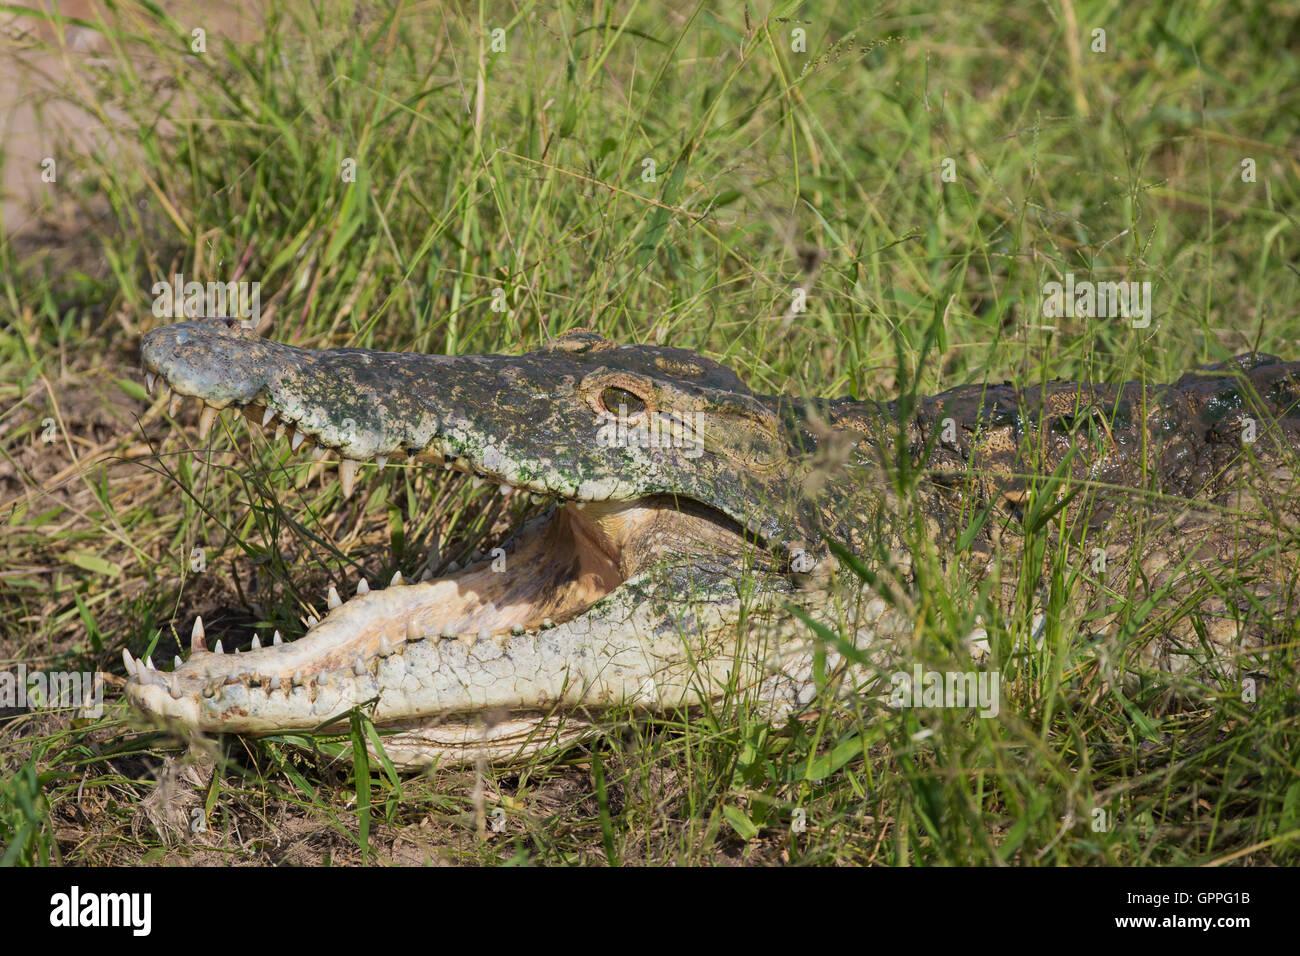 Portrait of Nile Crocodile (Crocodylus niloticus) basking Stock Photo